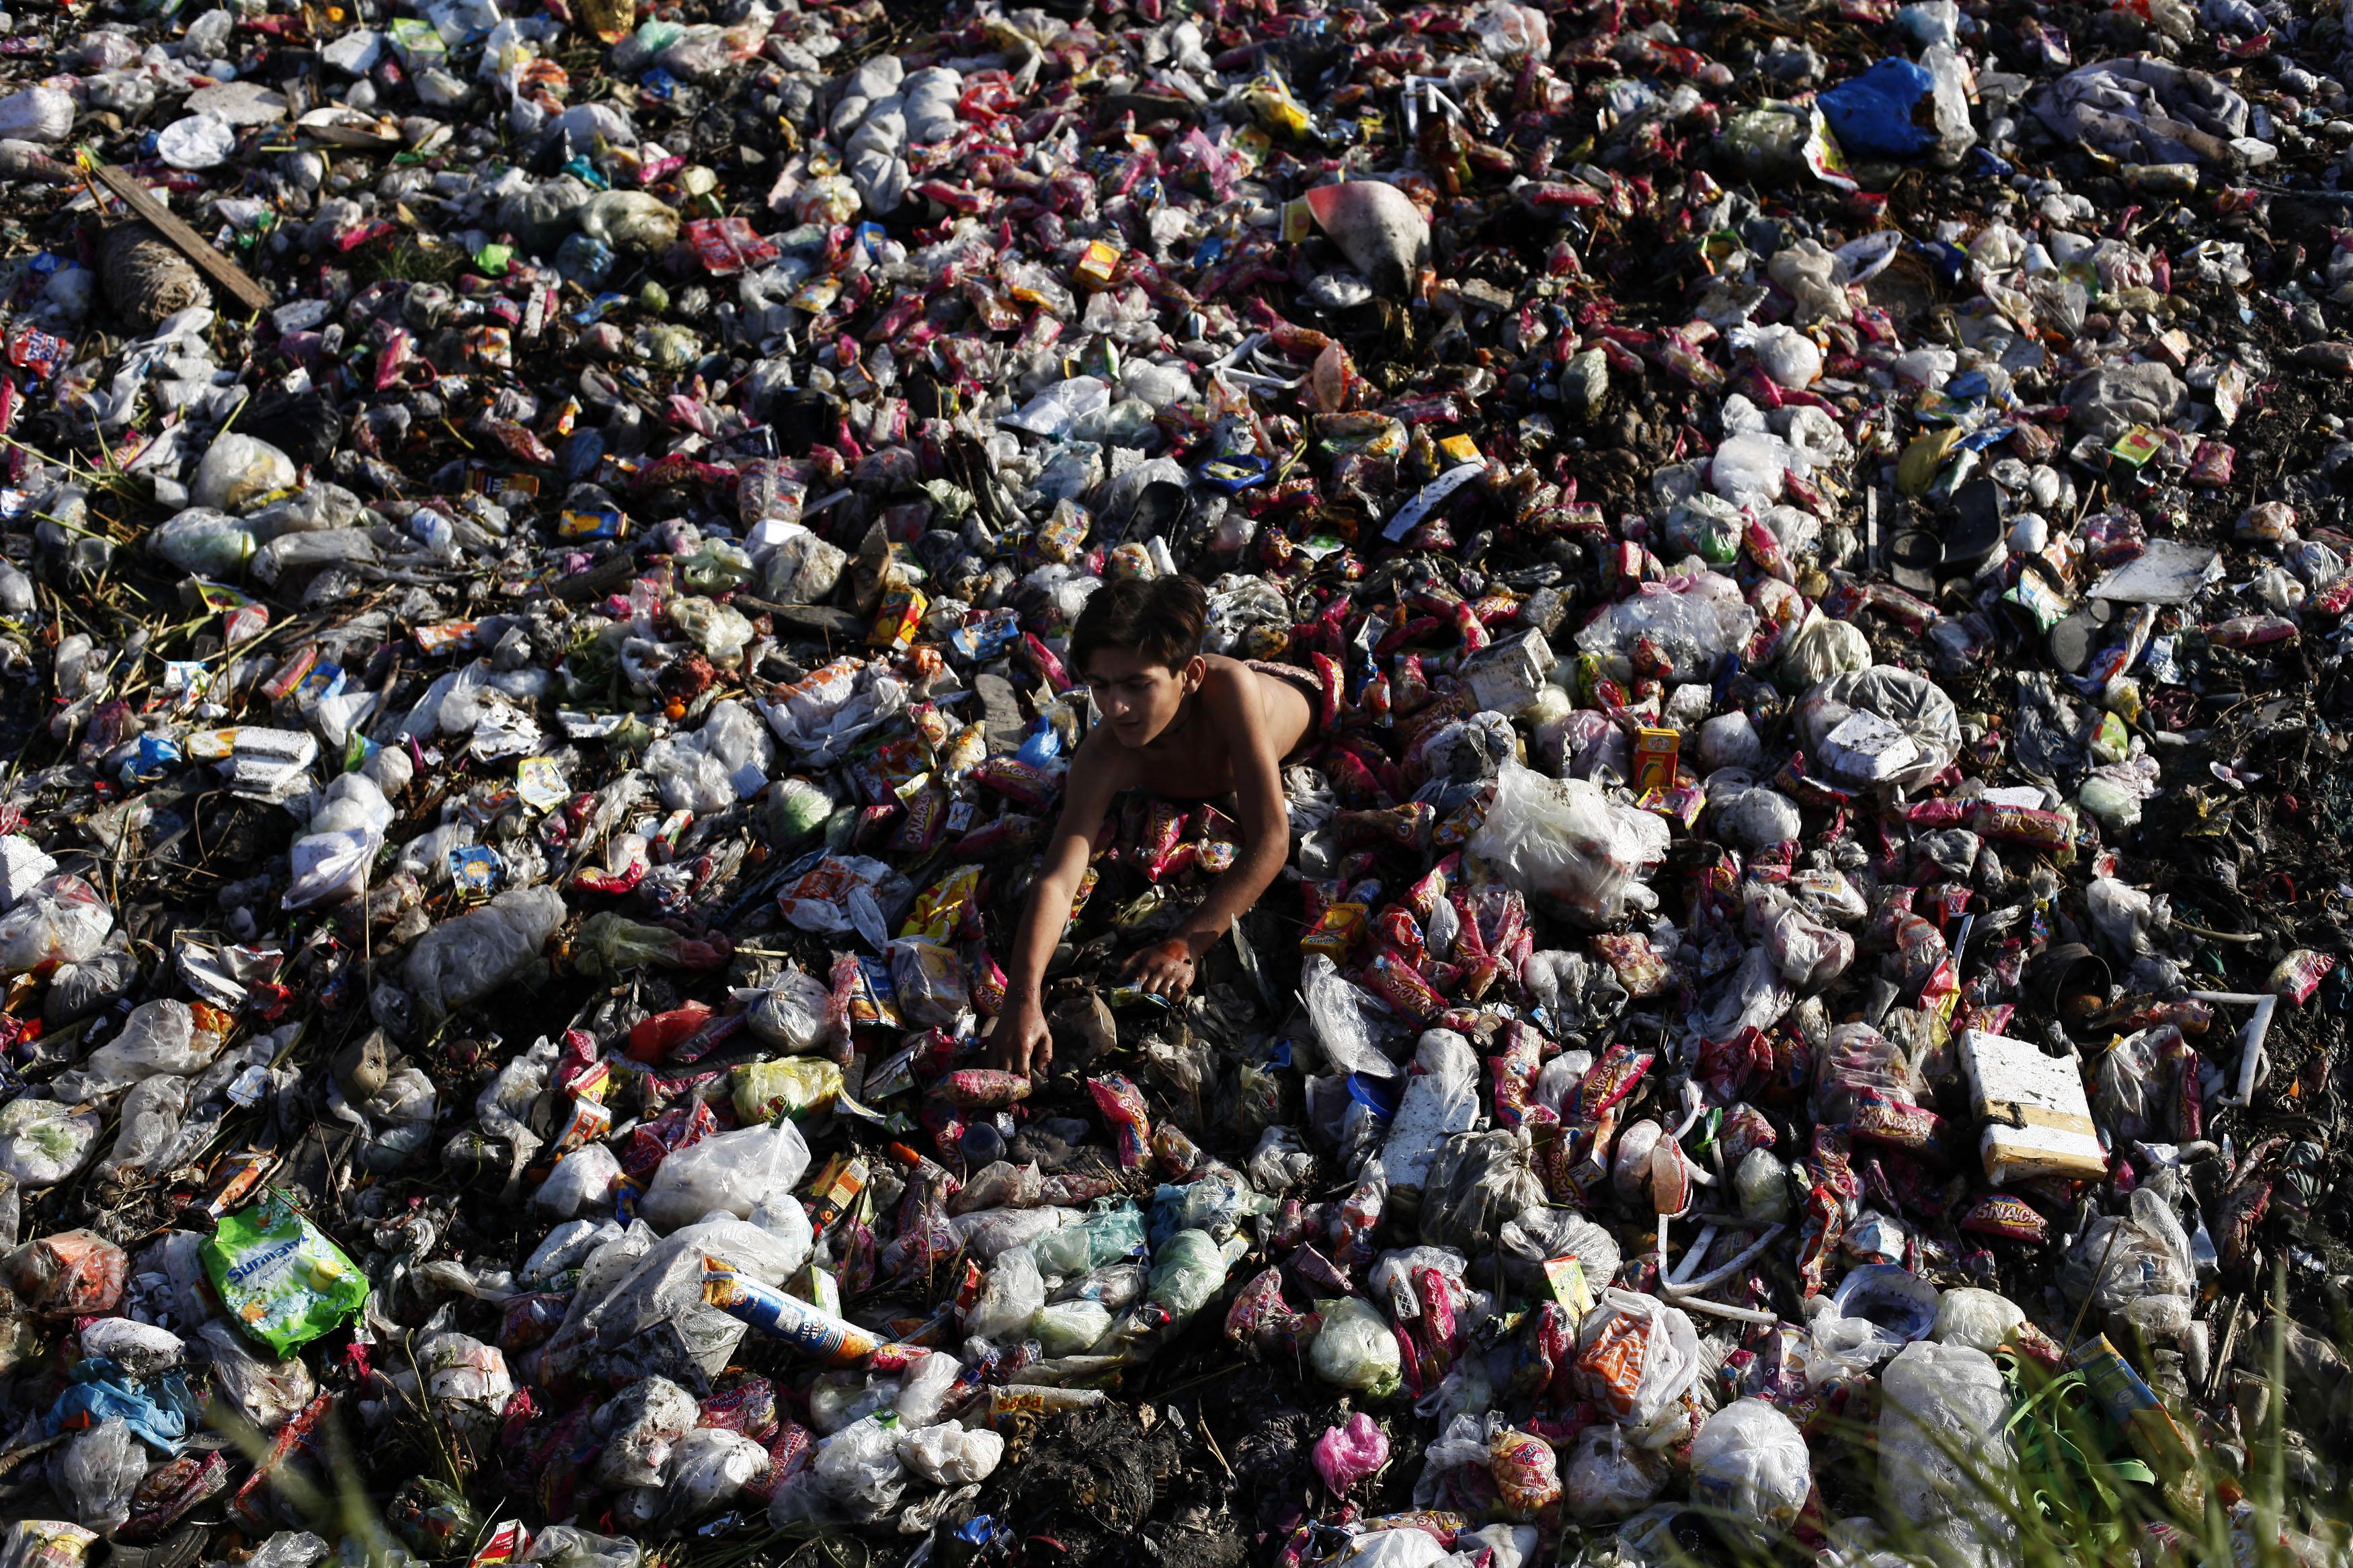 Lahor'da bir çocuk çöplerin arasından plastik atık topluyor